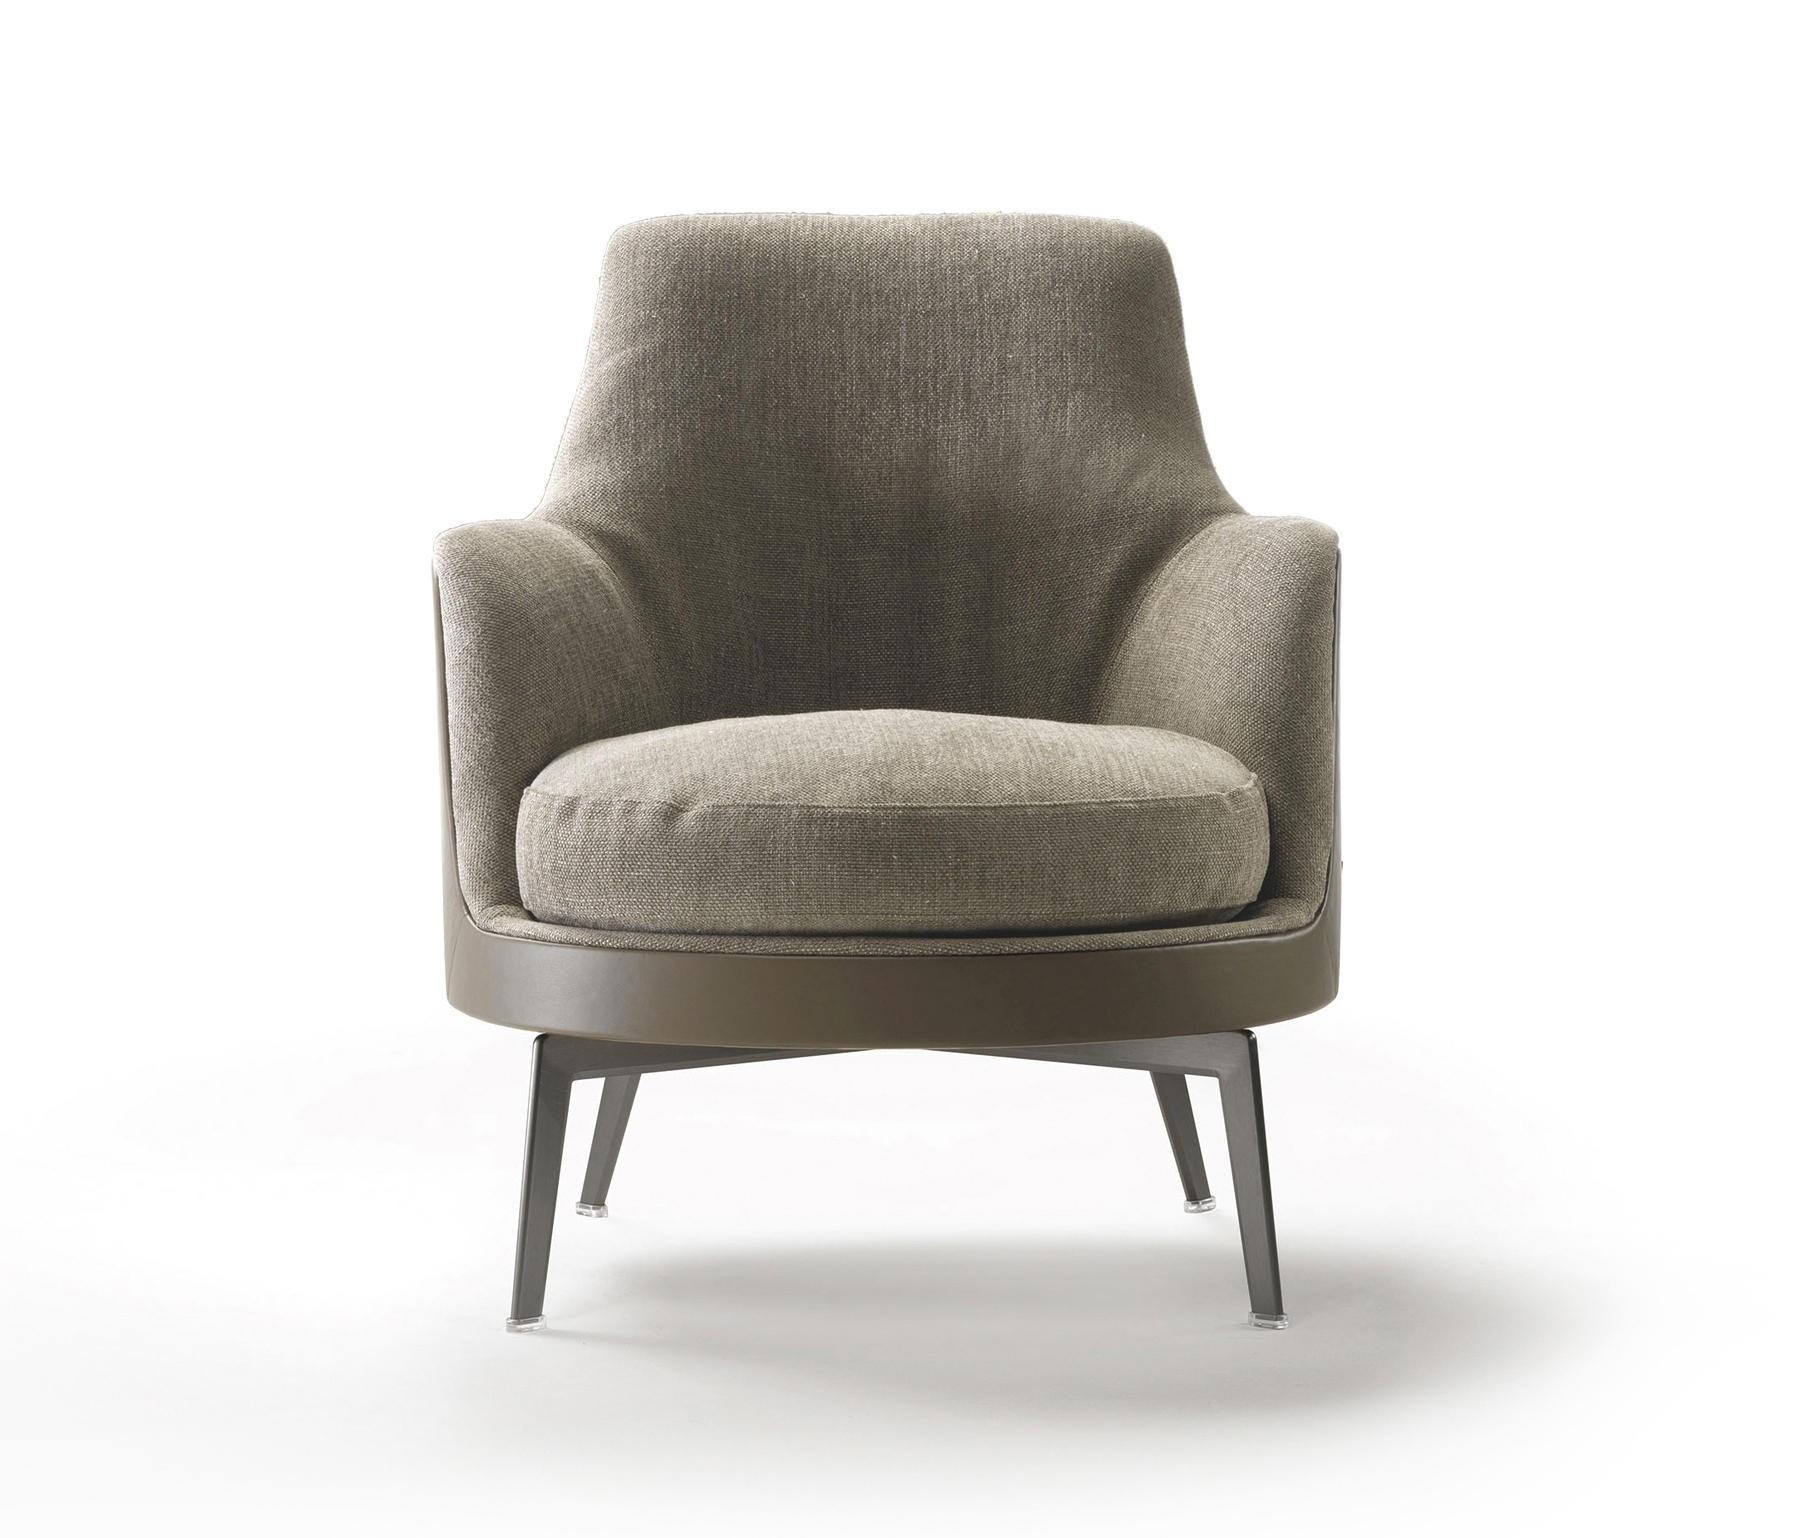 Flexform guscio armchair for Citterio arredamenti